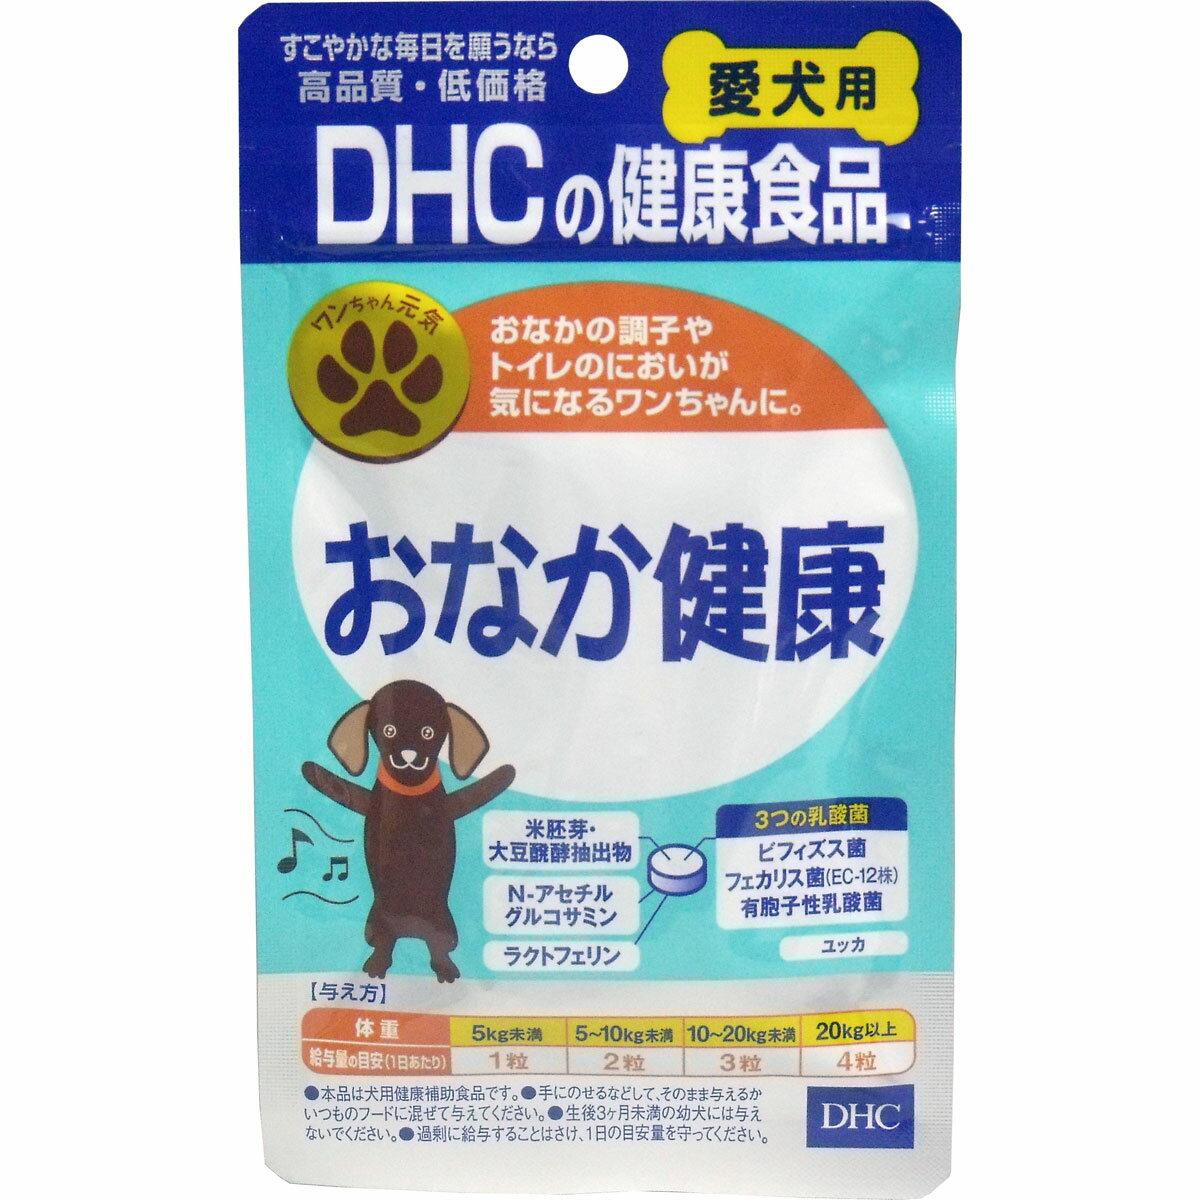 大感謝価格割引不可『DHC 愛犬用 おなか健康 60粒入』 5940円税別以上送料無料突然欠品終了あり。5-7営業日前後出荷、返品キャンセル不可品雑貨 ペット用品 愛犬用